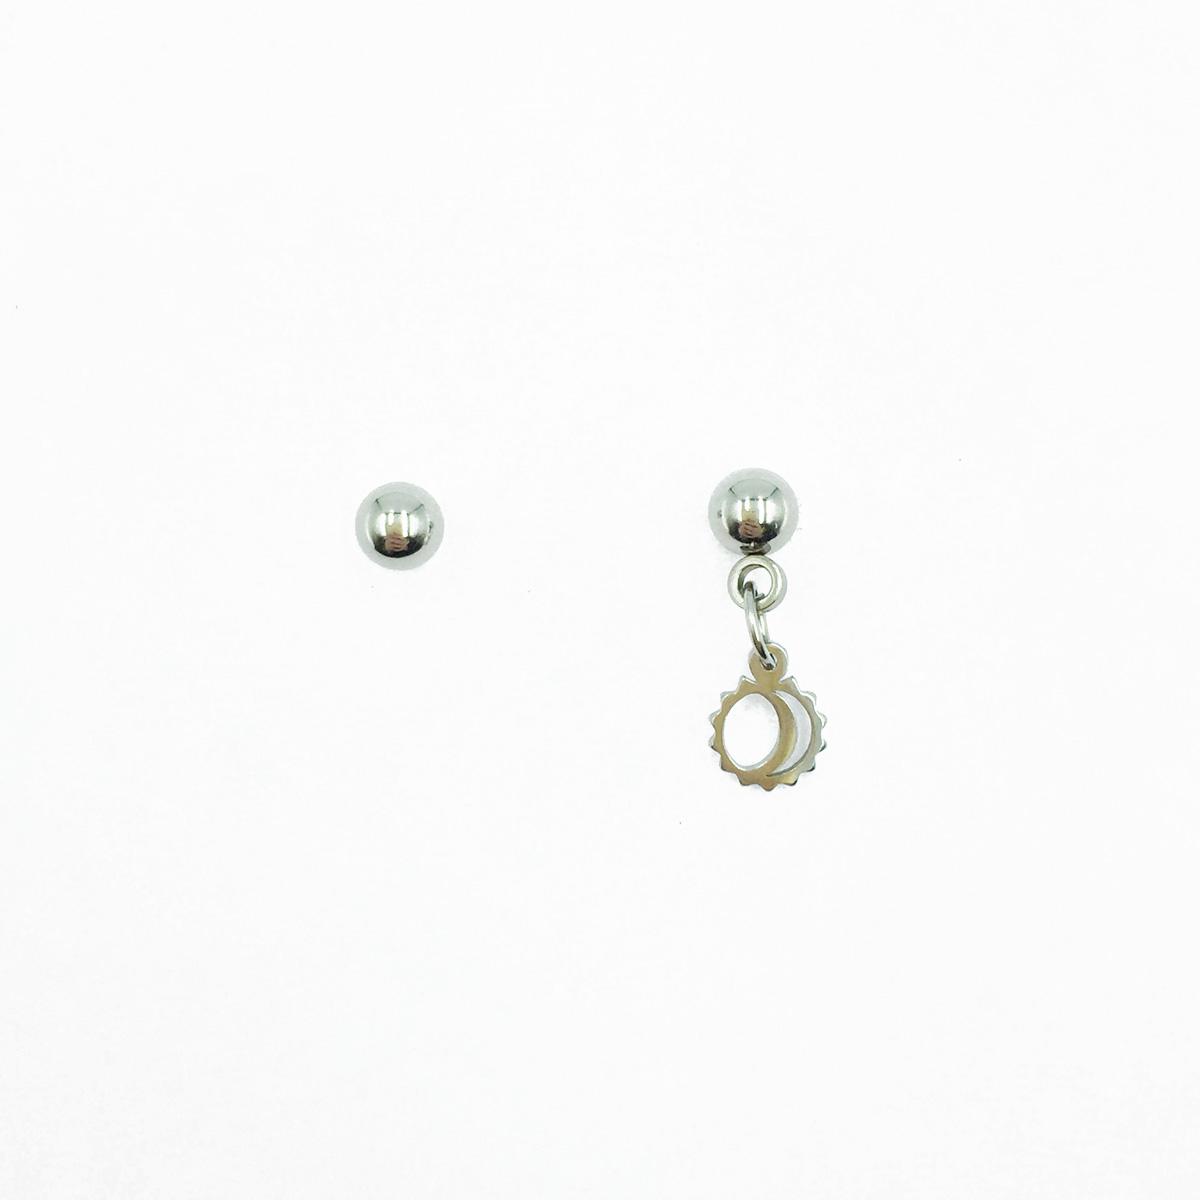 韓國 不鏽鋼 鋸齒圓圈 簍空 小銀珠 垂墜感 後轉耳針式耳環